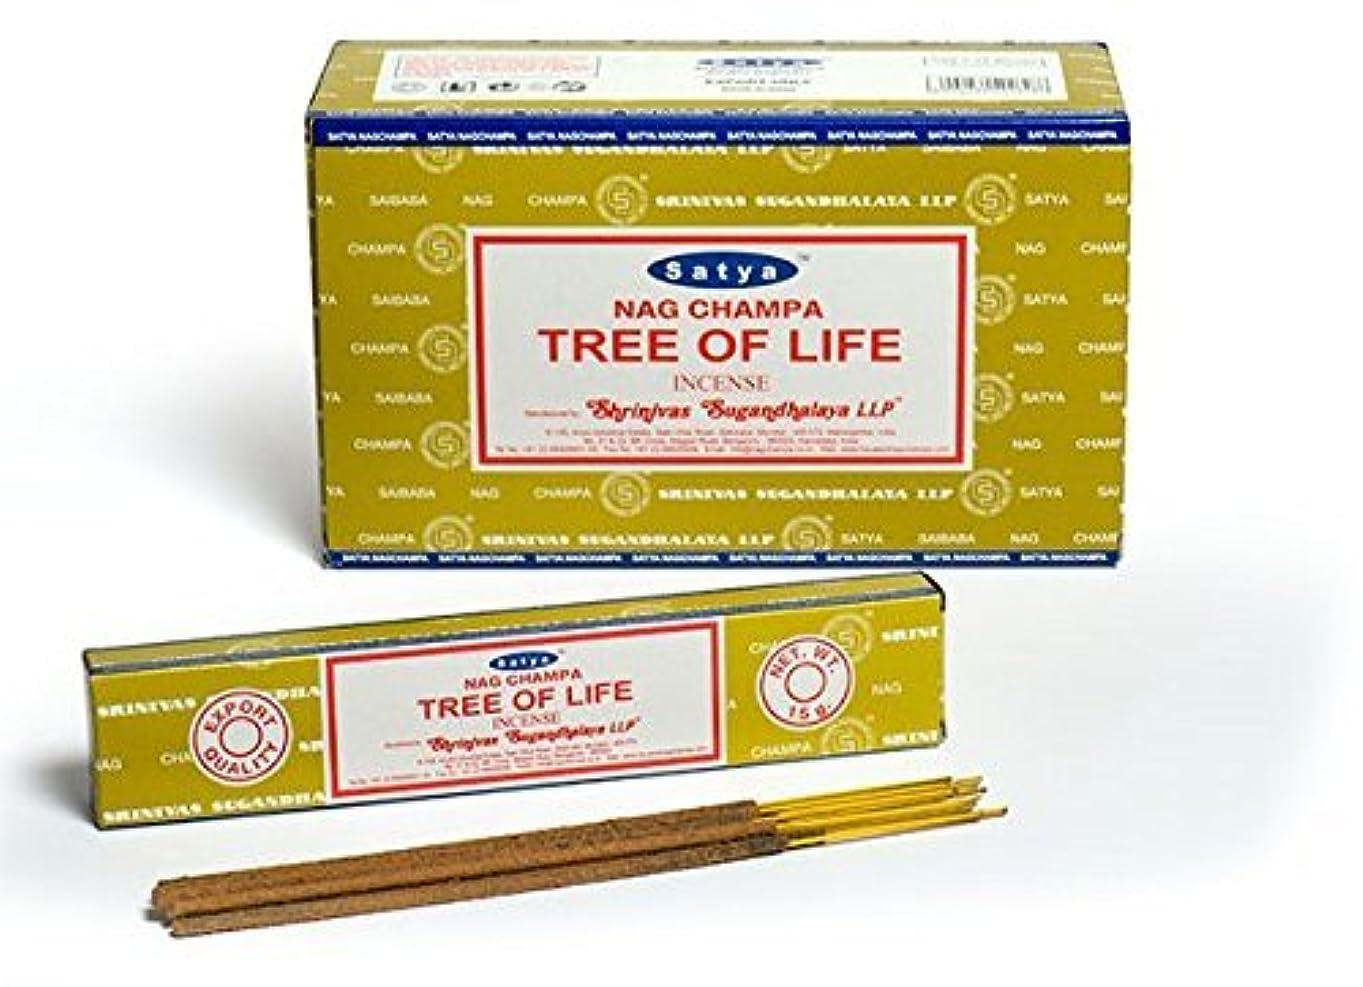 洗練された販売計画哲学者Buycrafty Satya Nag Champa Tree of Life Incense Sticks 180 Grams Box (15g x 12 Boxes)